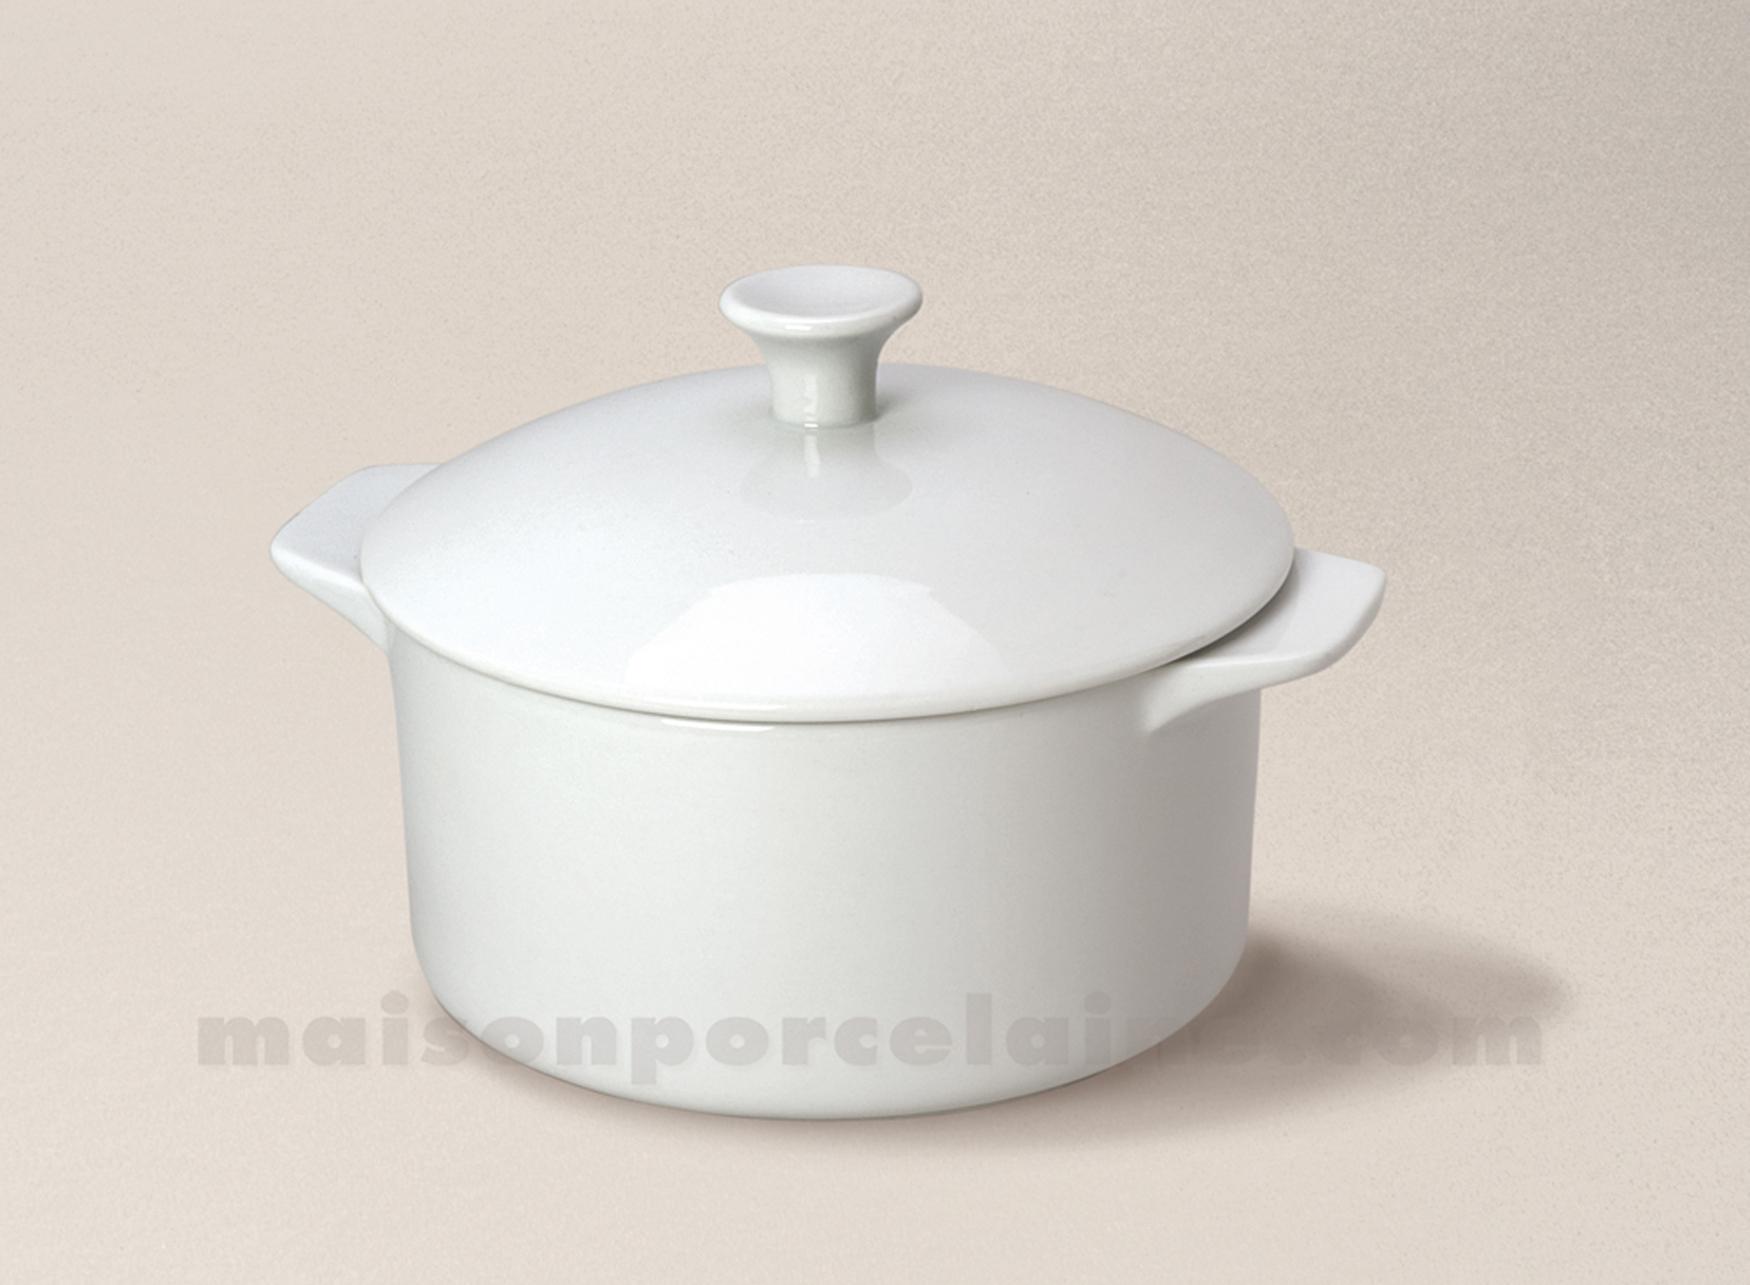 Cocotte couvercle porcelaine blanche a four mm 12x7 5 38cl maison de la por - Maison de porcelaine ...